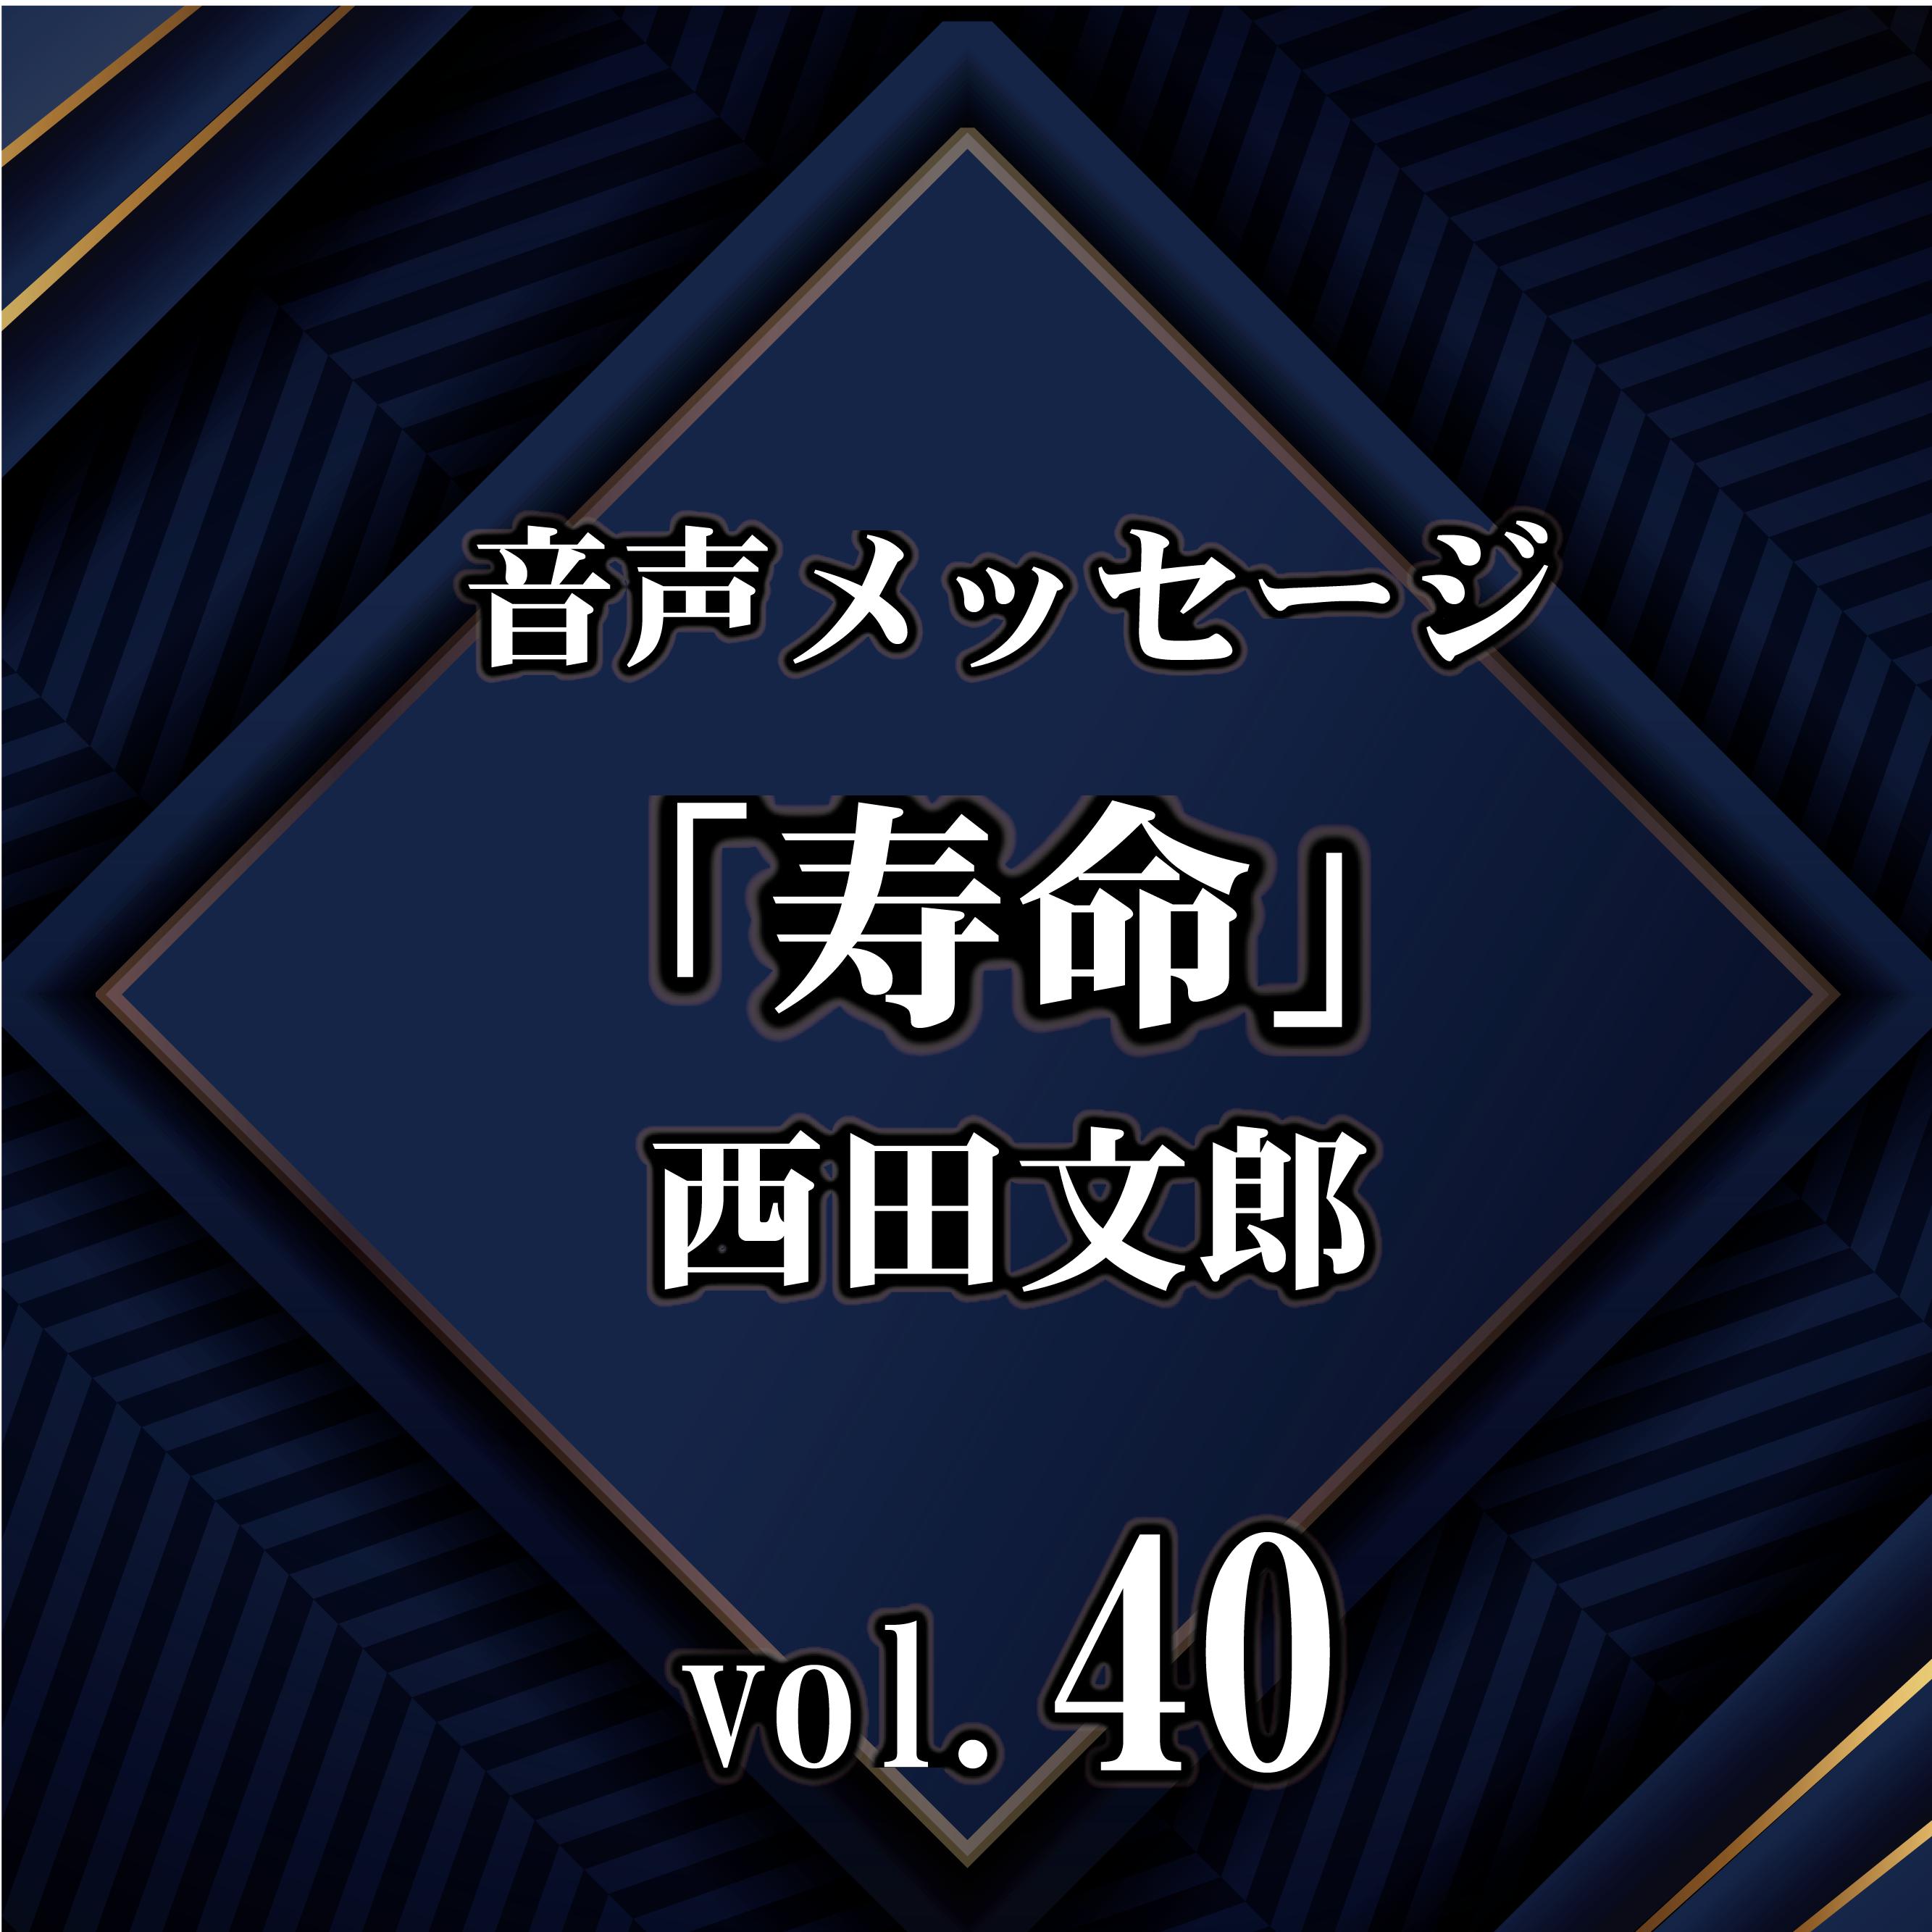 西田文郎 音声メッセージvol.40『寿命』